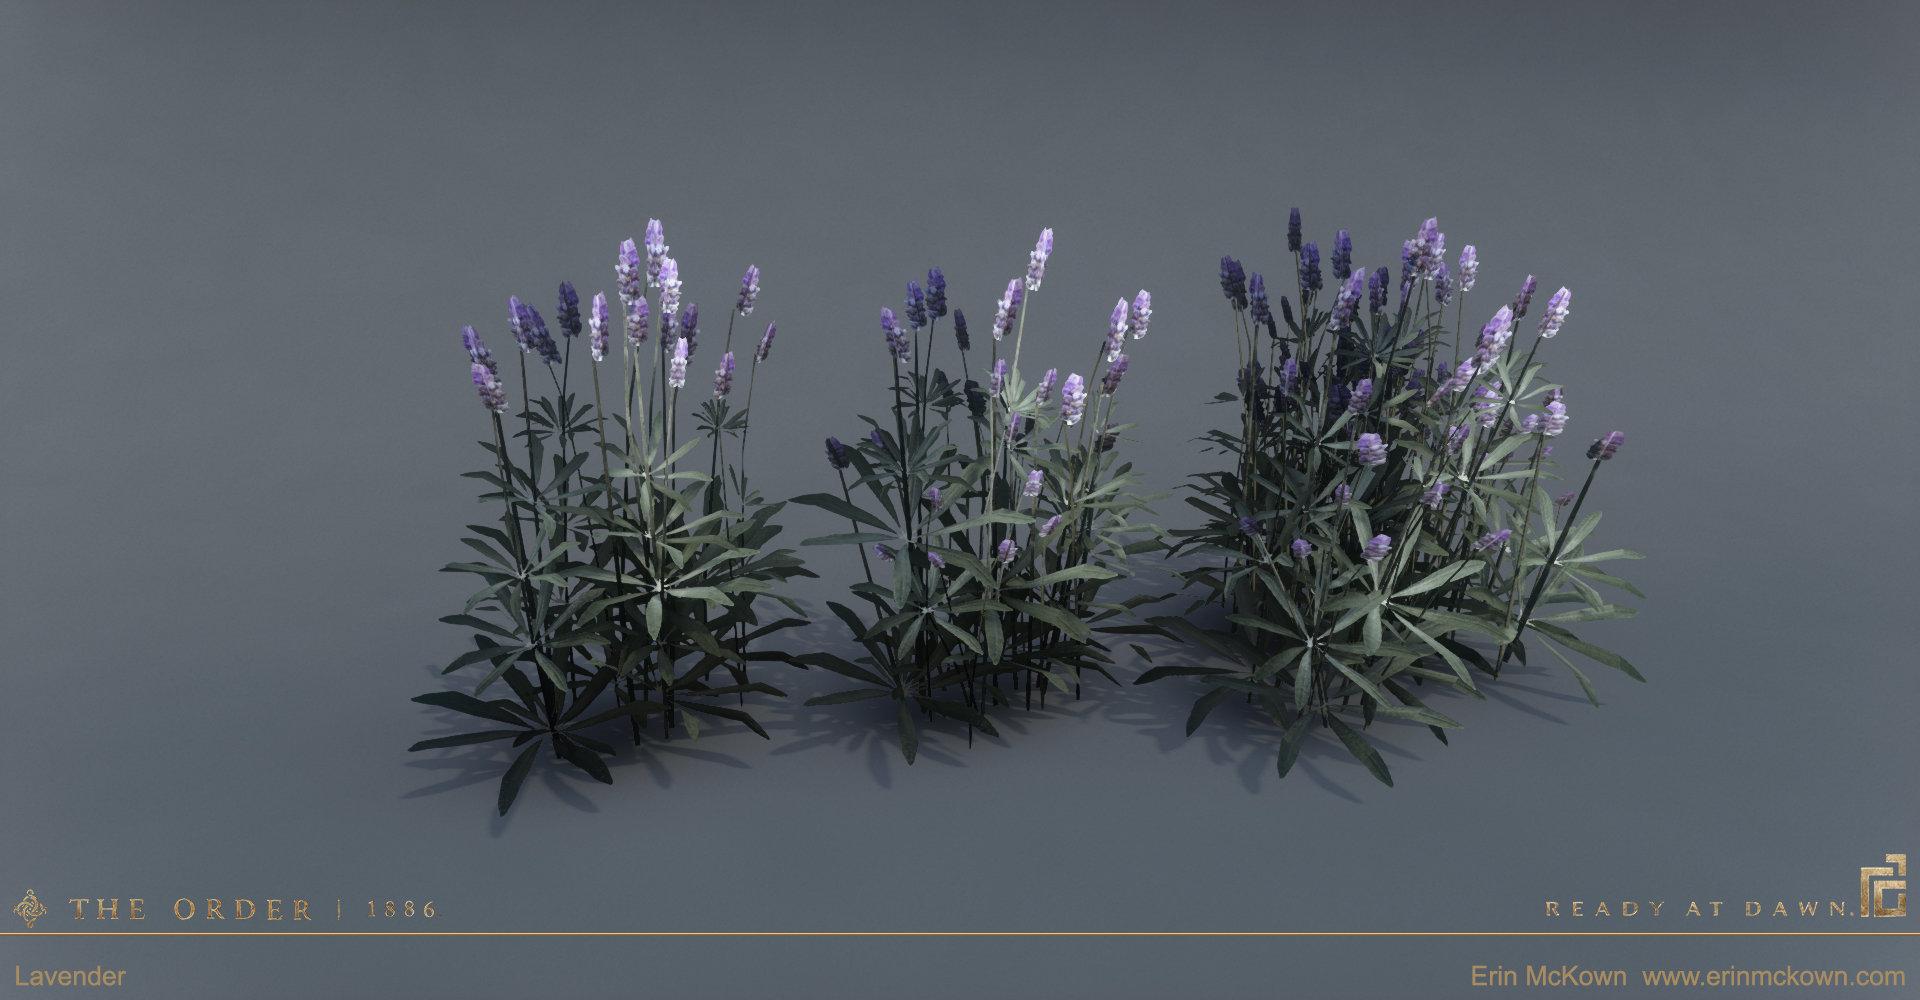 Erin mckown lavender